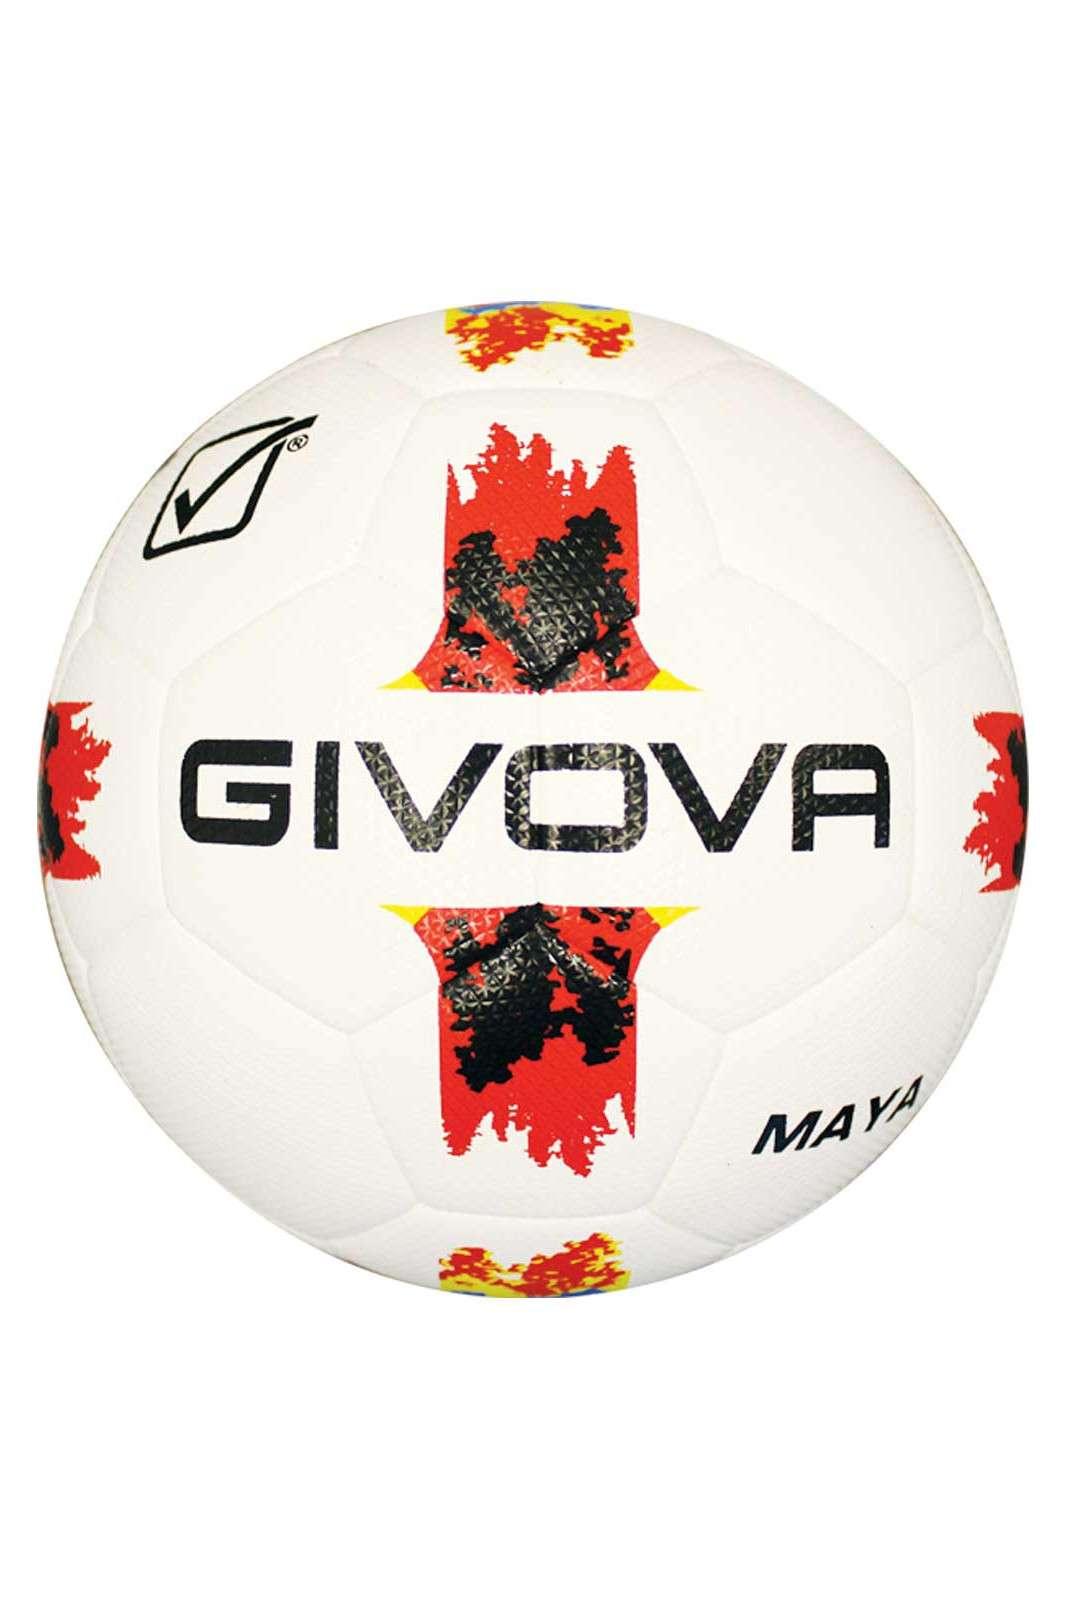 Un pallone da gara il Maya Hybrid proposto da Givova. Costituito da 32 pannelli resi impermeabili dal gel, è interamente cucito a mano. I tre strati e il tessuto in poliuretano lo rendono extra soffice.